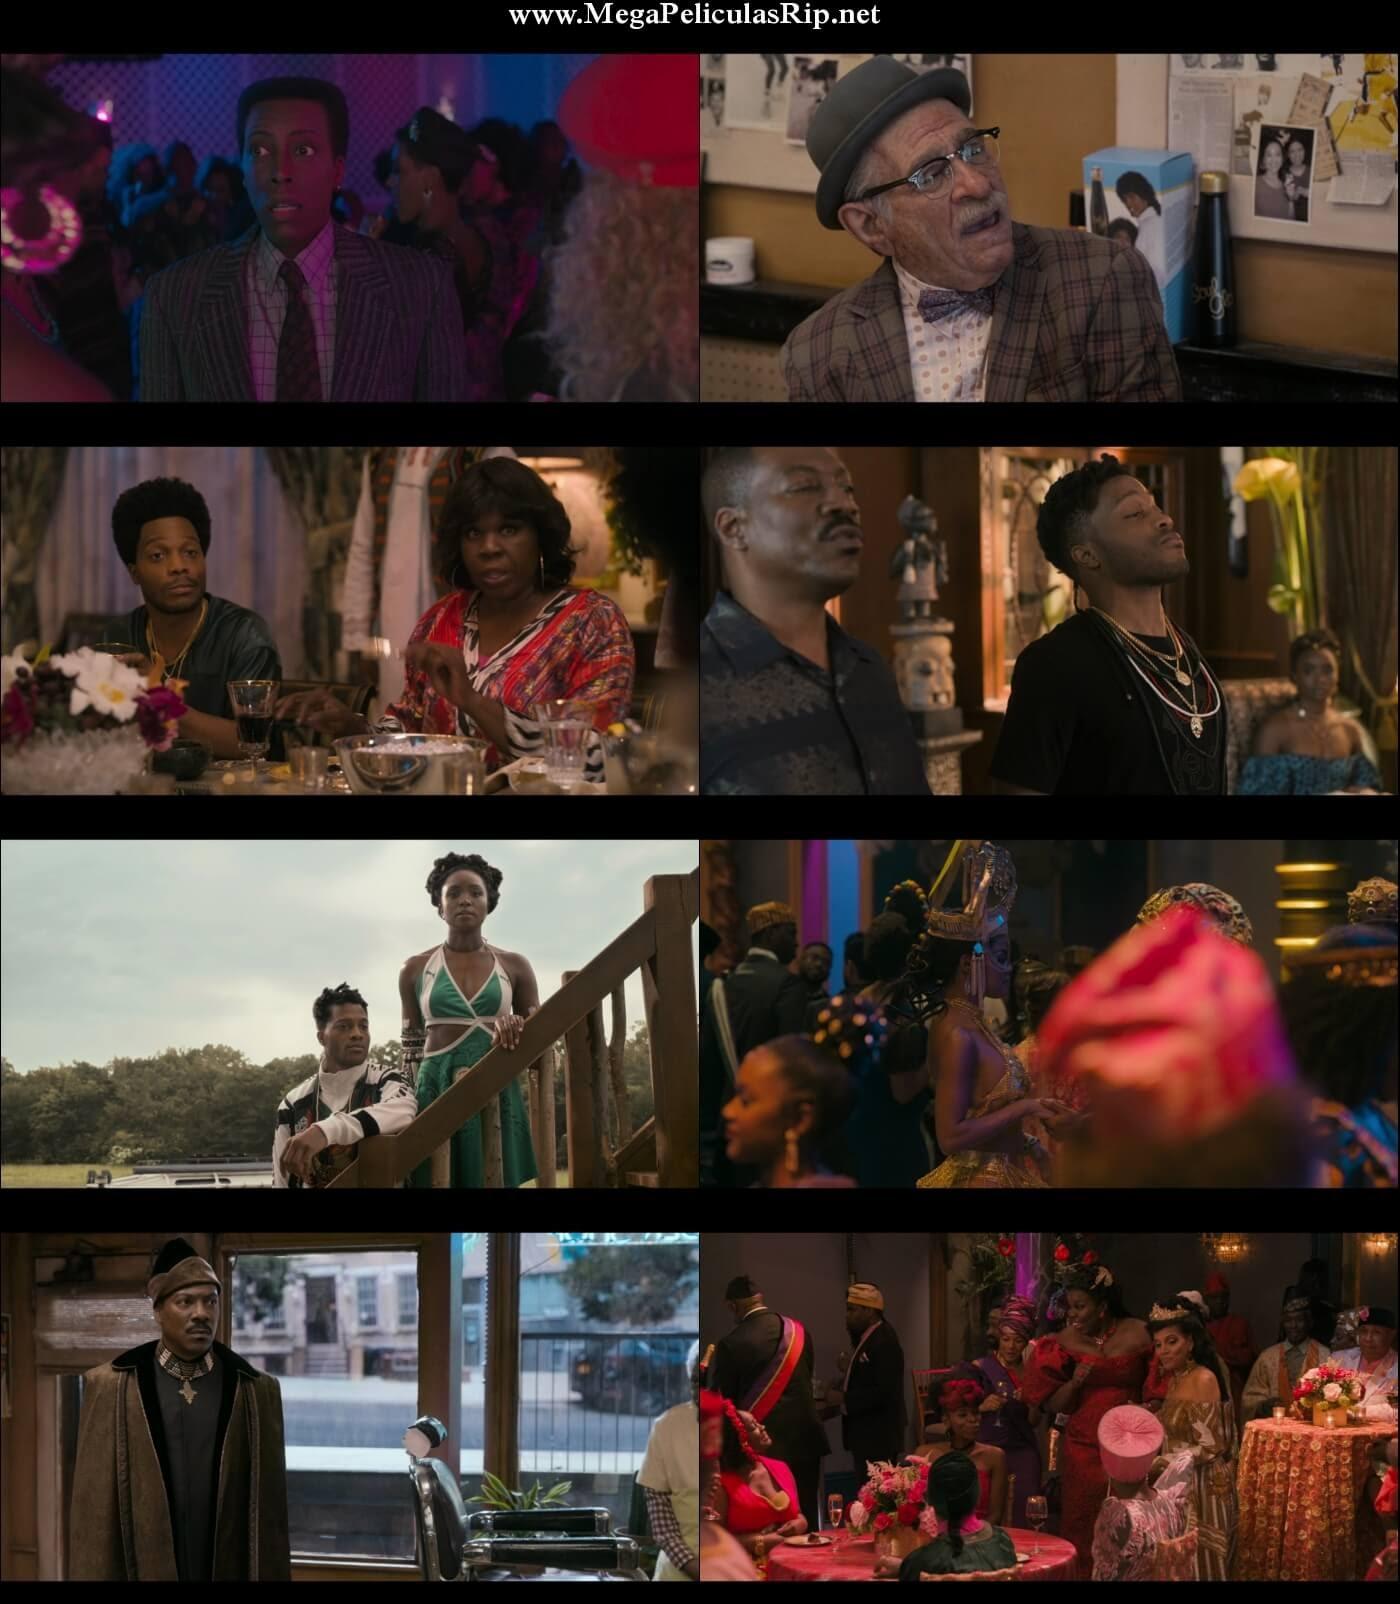 Un Principe En Nueva York 2 1080p Latino